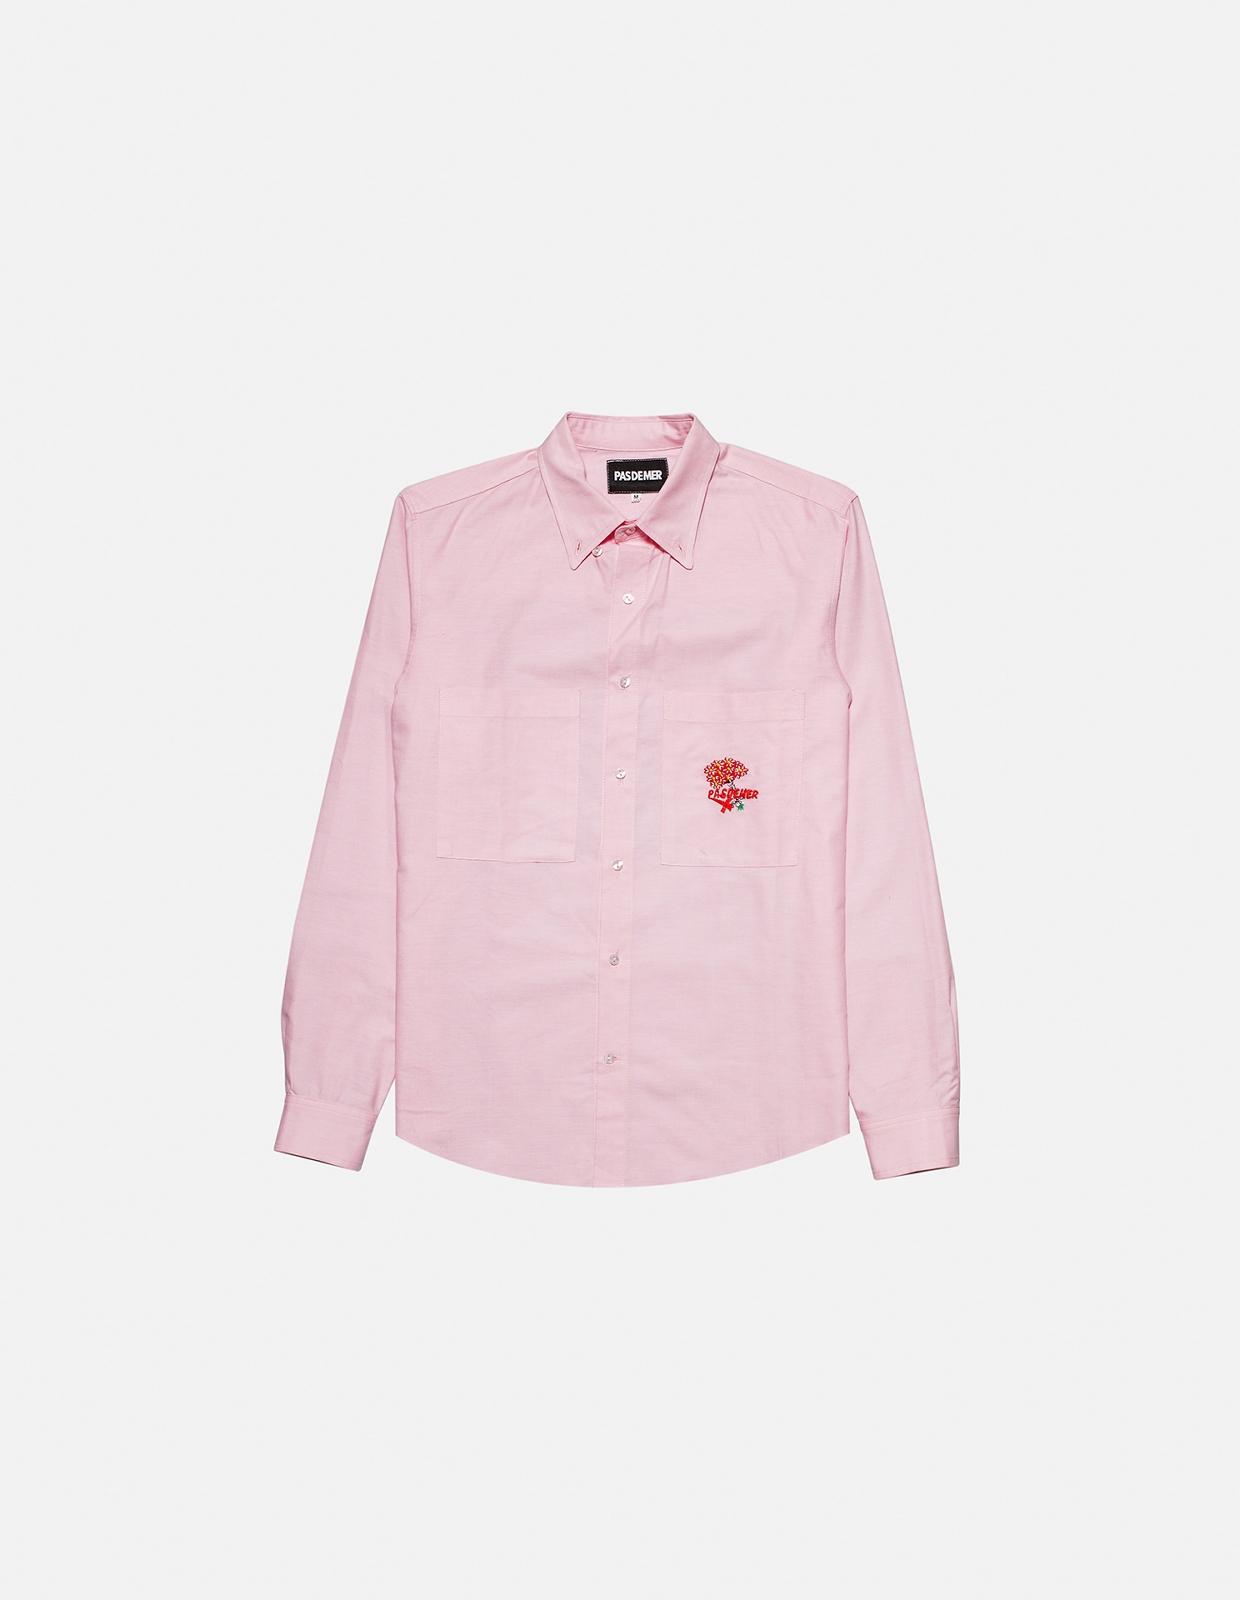 【PAS DE MER/パドゥメ】BURZUM SHIRT 長袖シャツ / LIGHT PINK